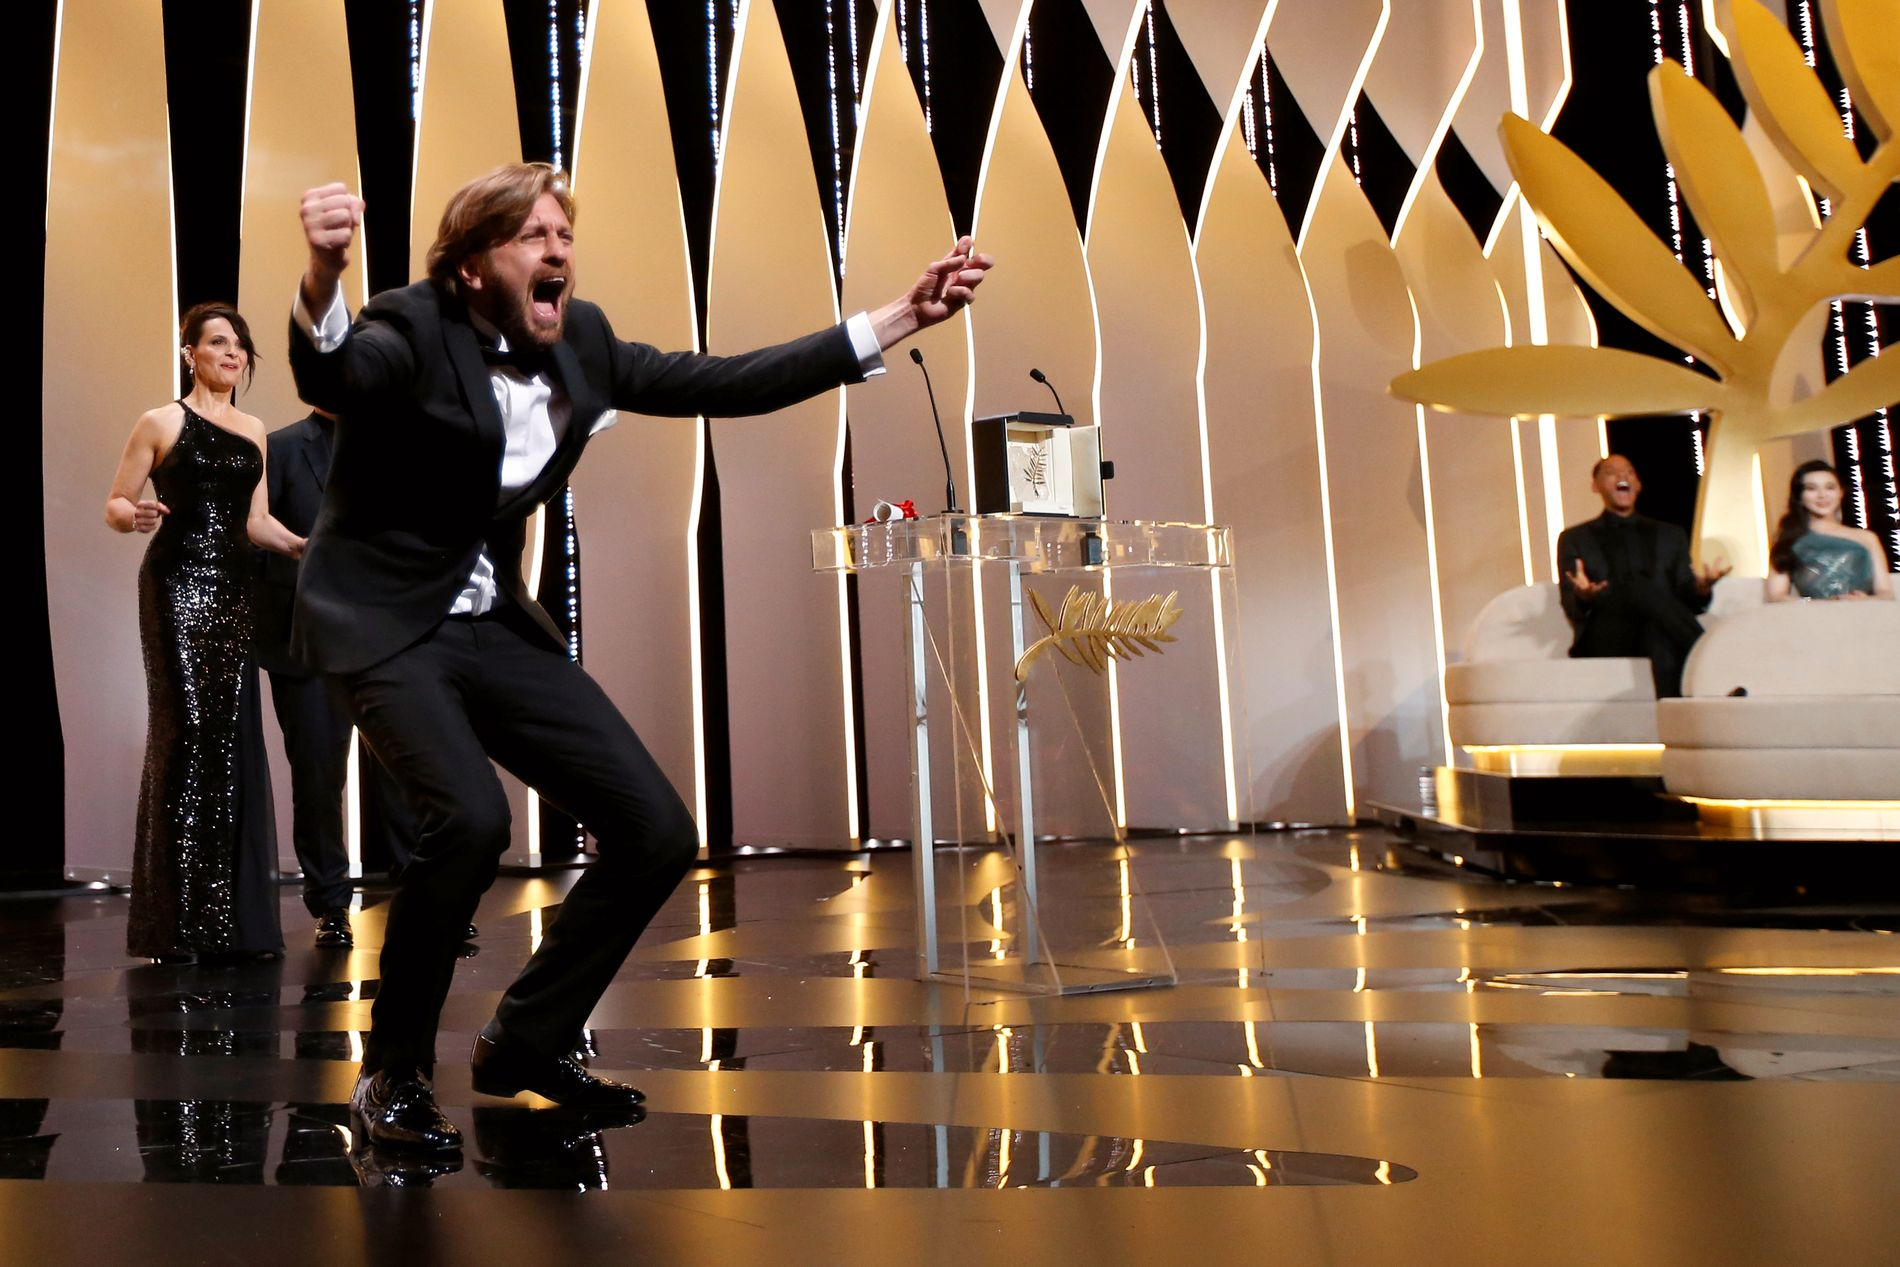 GLEDESUTBRUDD: Ruben Östlund løper jublende glad opp til podiet for å motta årets Gullpalme i Cannes Festivalen